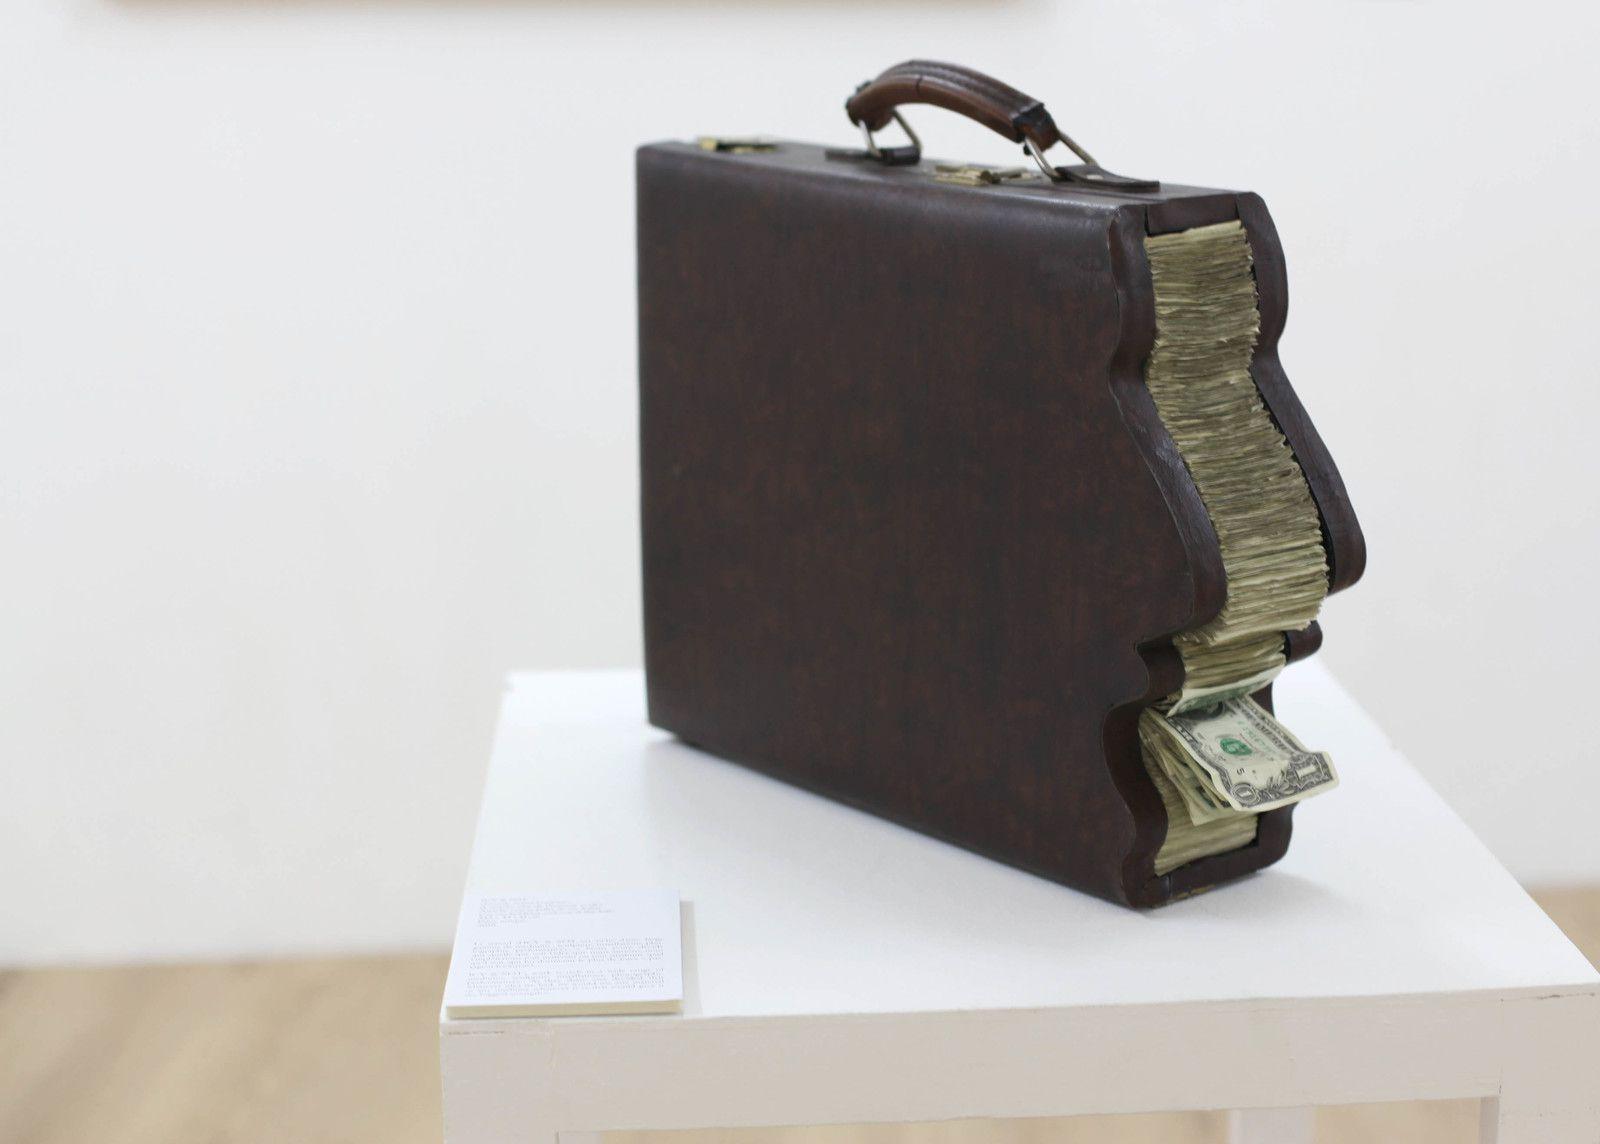 """""""Greedy man's briefcase (L'attaché case de l'homme avide)"""", 2018 de ICY AND SOT - Courtesy de la Galerie Danysz - Paris © Photo Éric Simon"""